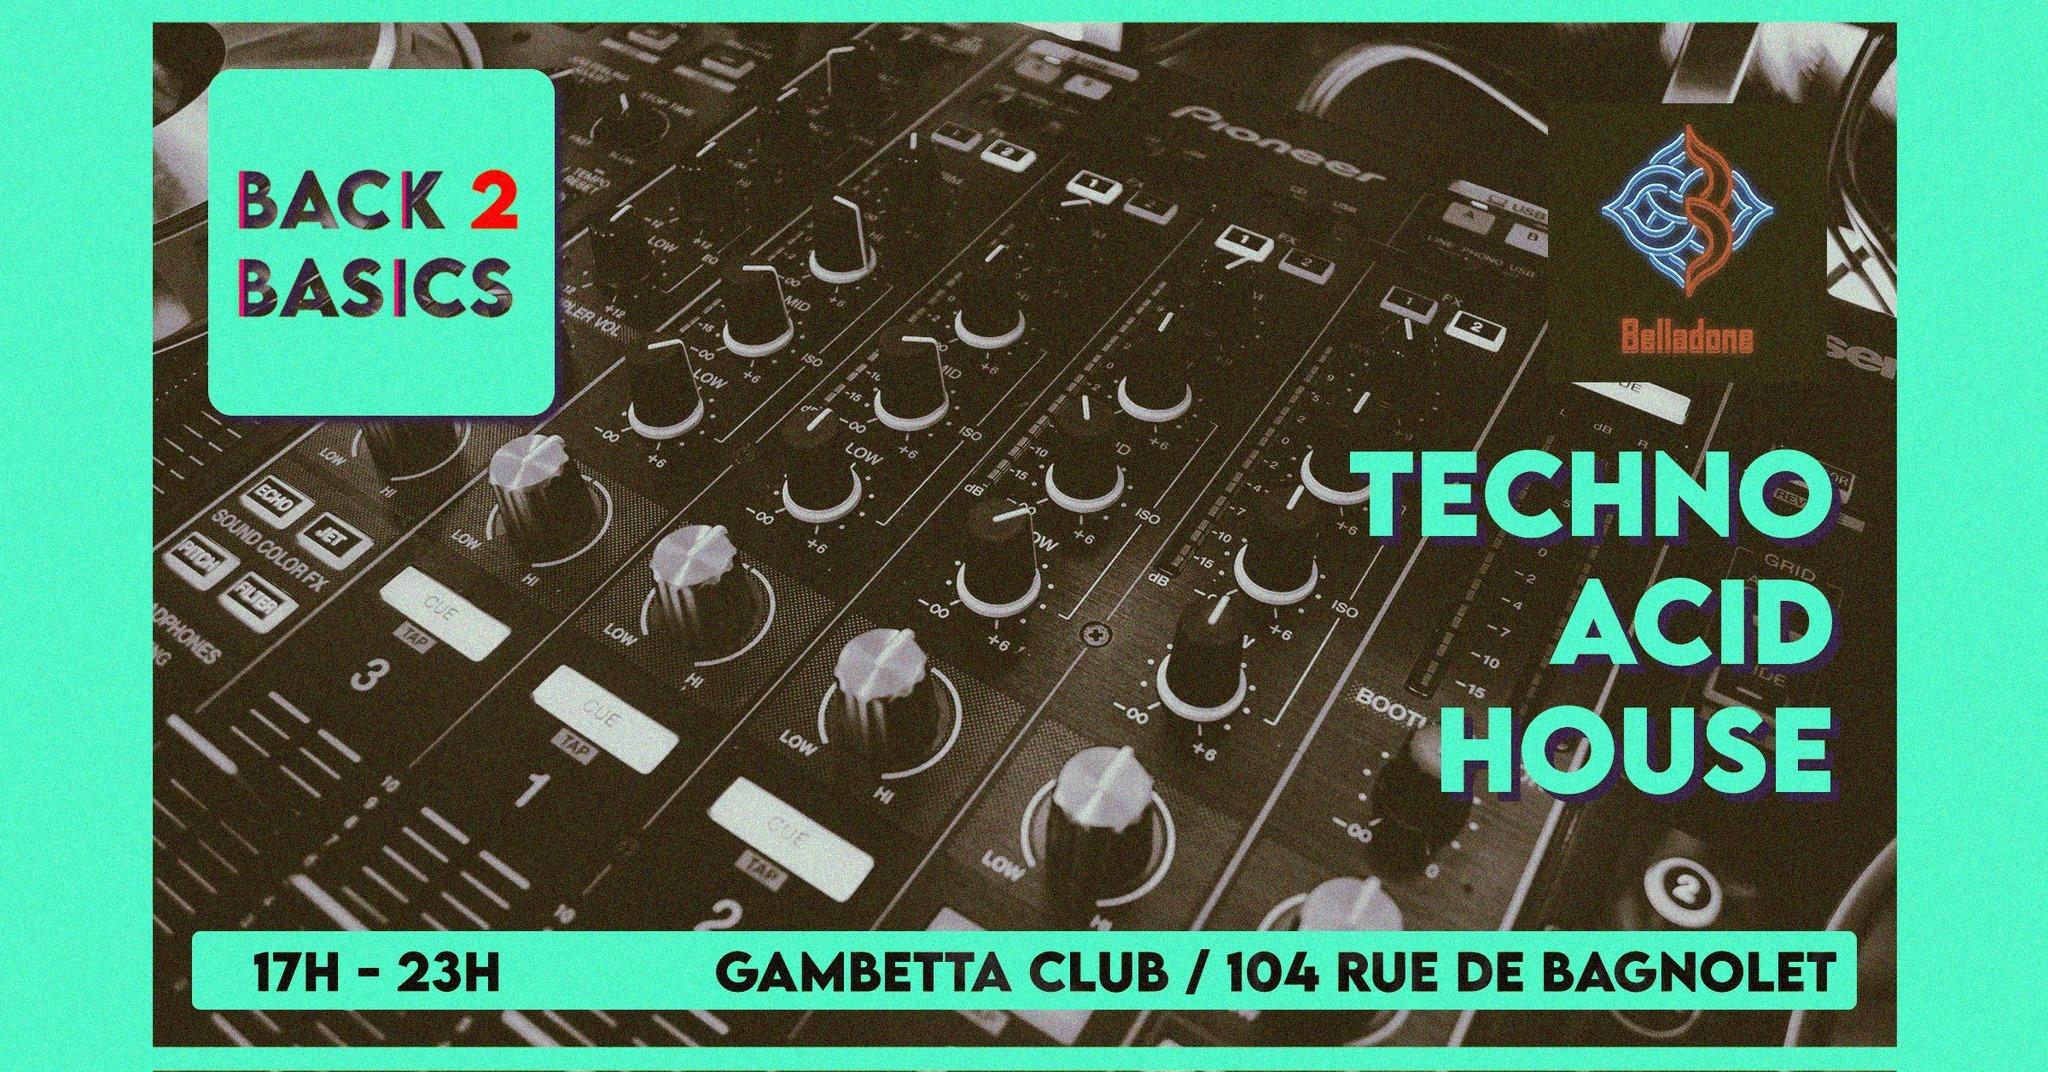 MARDI 22/06 - Back To Basics - Techno / Acid / House